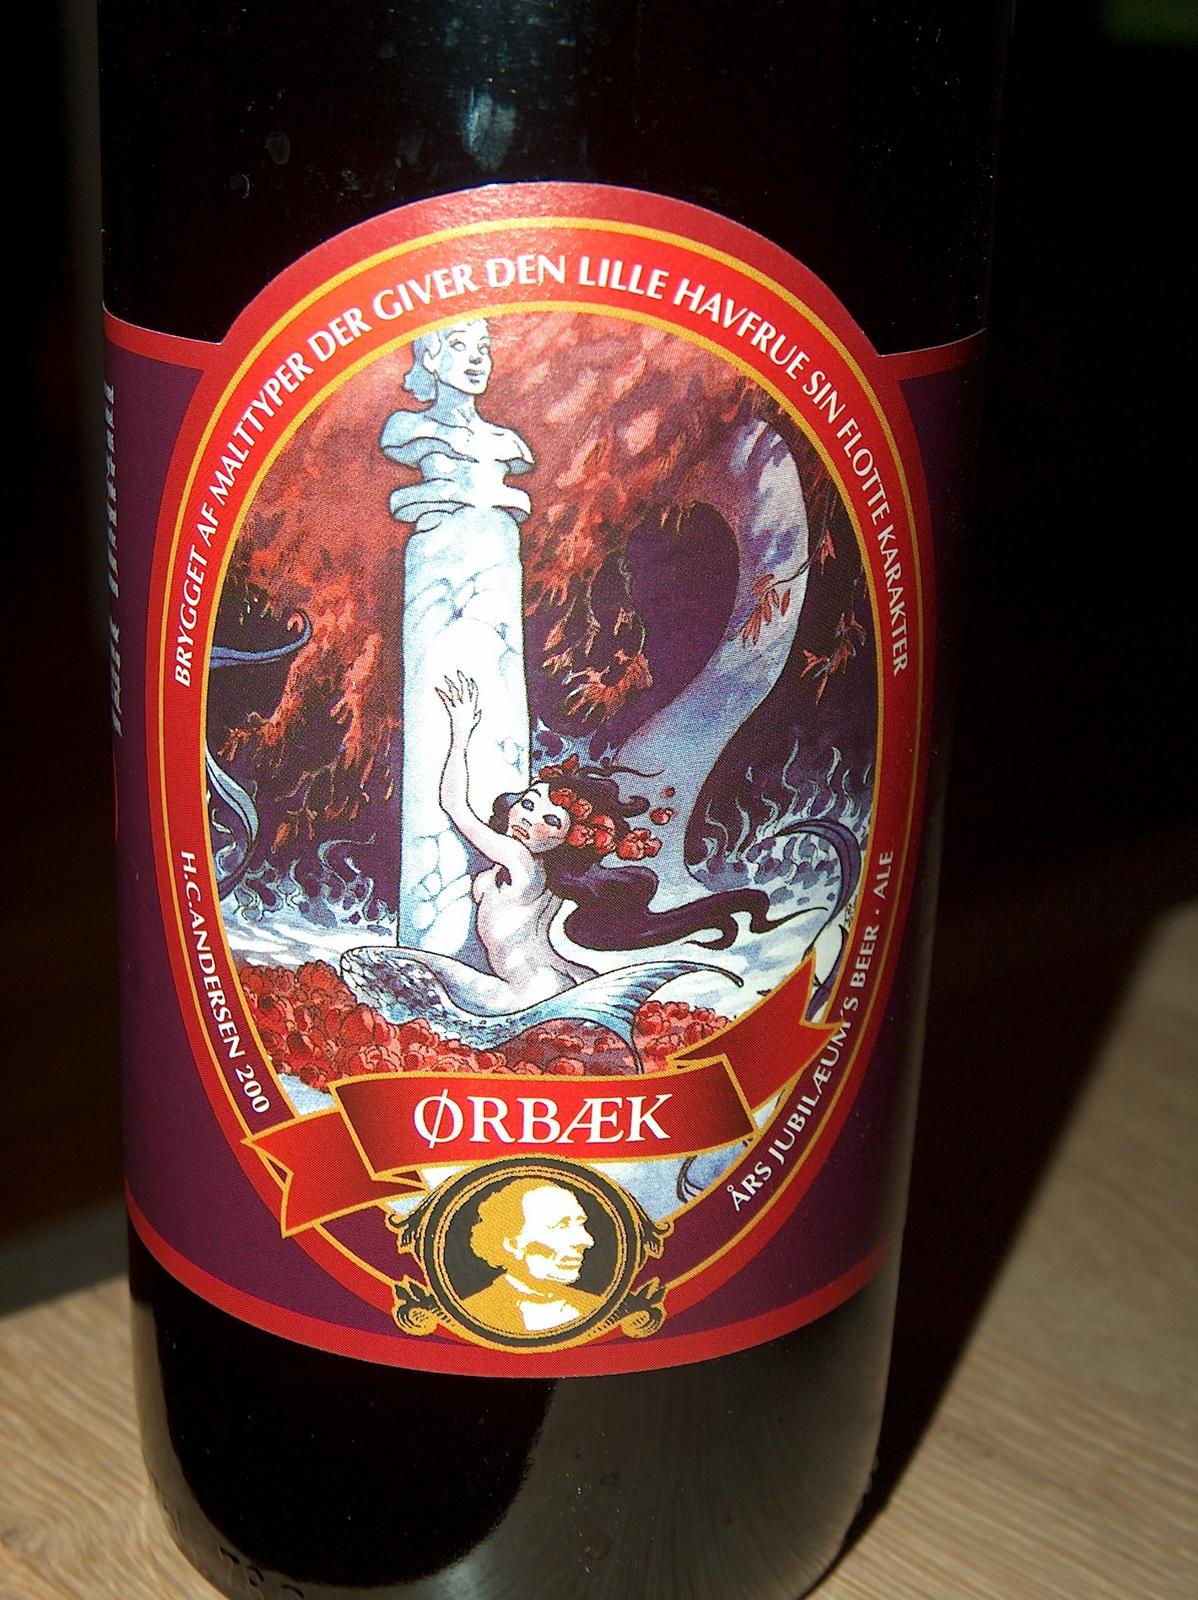 H.C. Andersen 200 års jubilæum's Beer - Ale . Brygget af malttyper der giver den lille havfrue sin flotte karakter